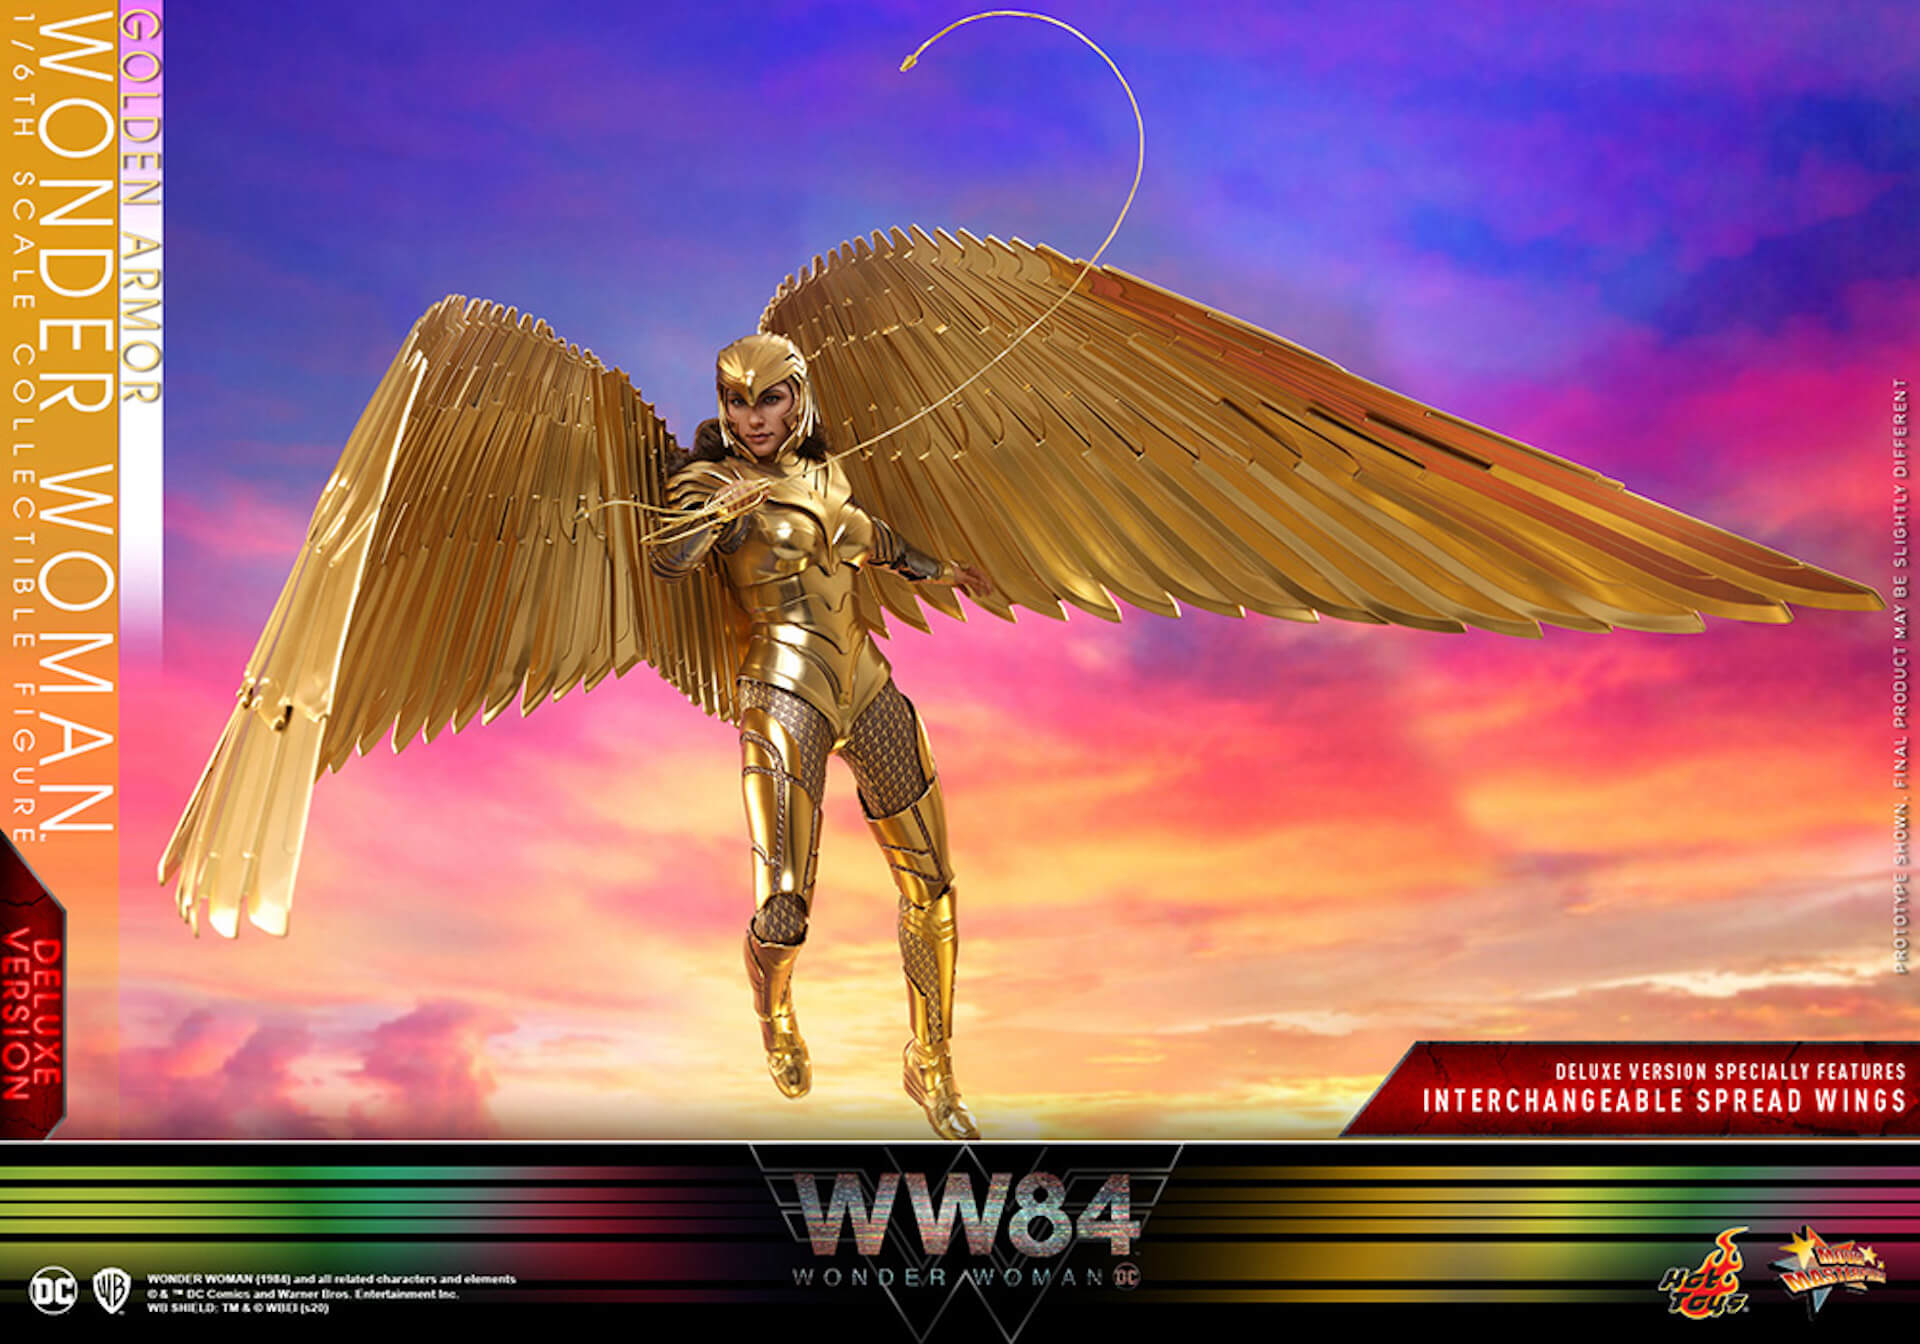 最新作『ワンダーウーマン 1984』からゴールドアーマー装着のワンダーウーマンフィギュアがホットトイズで登場! art200528_ww_hottoys_1